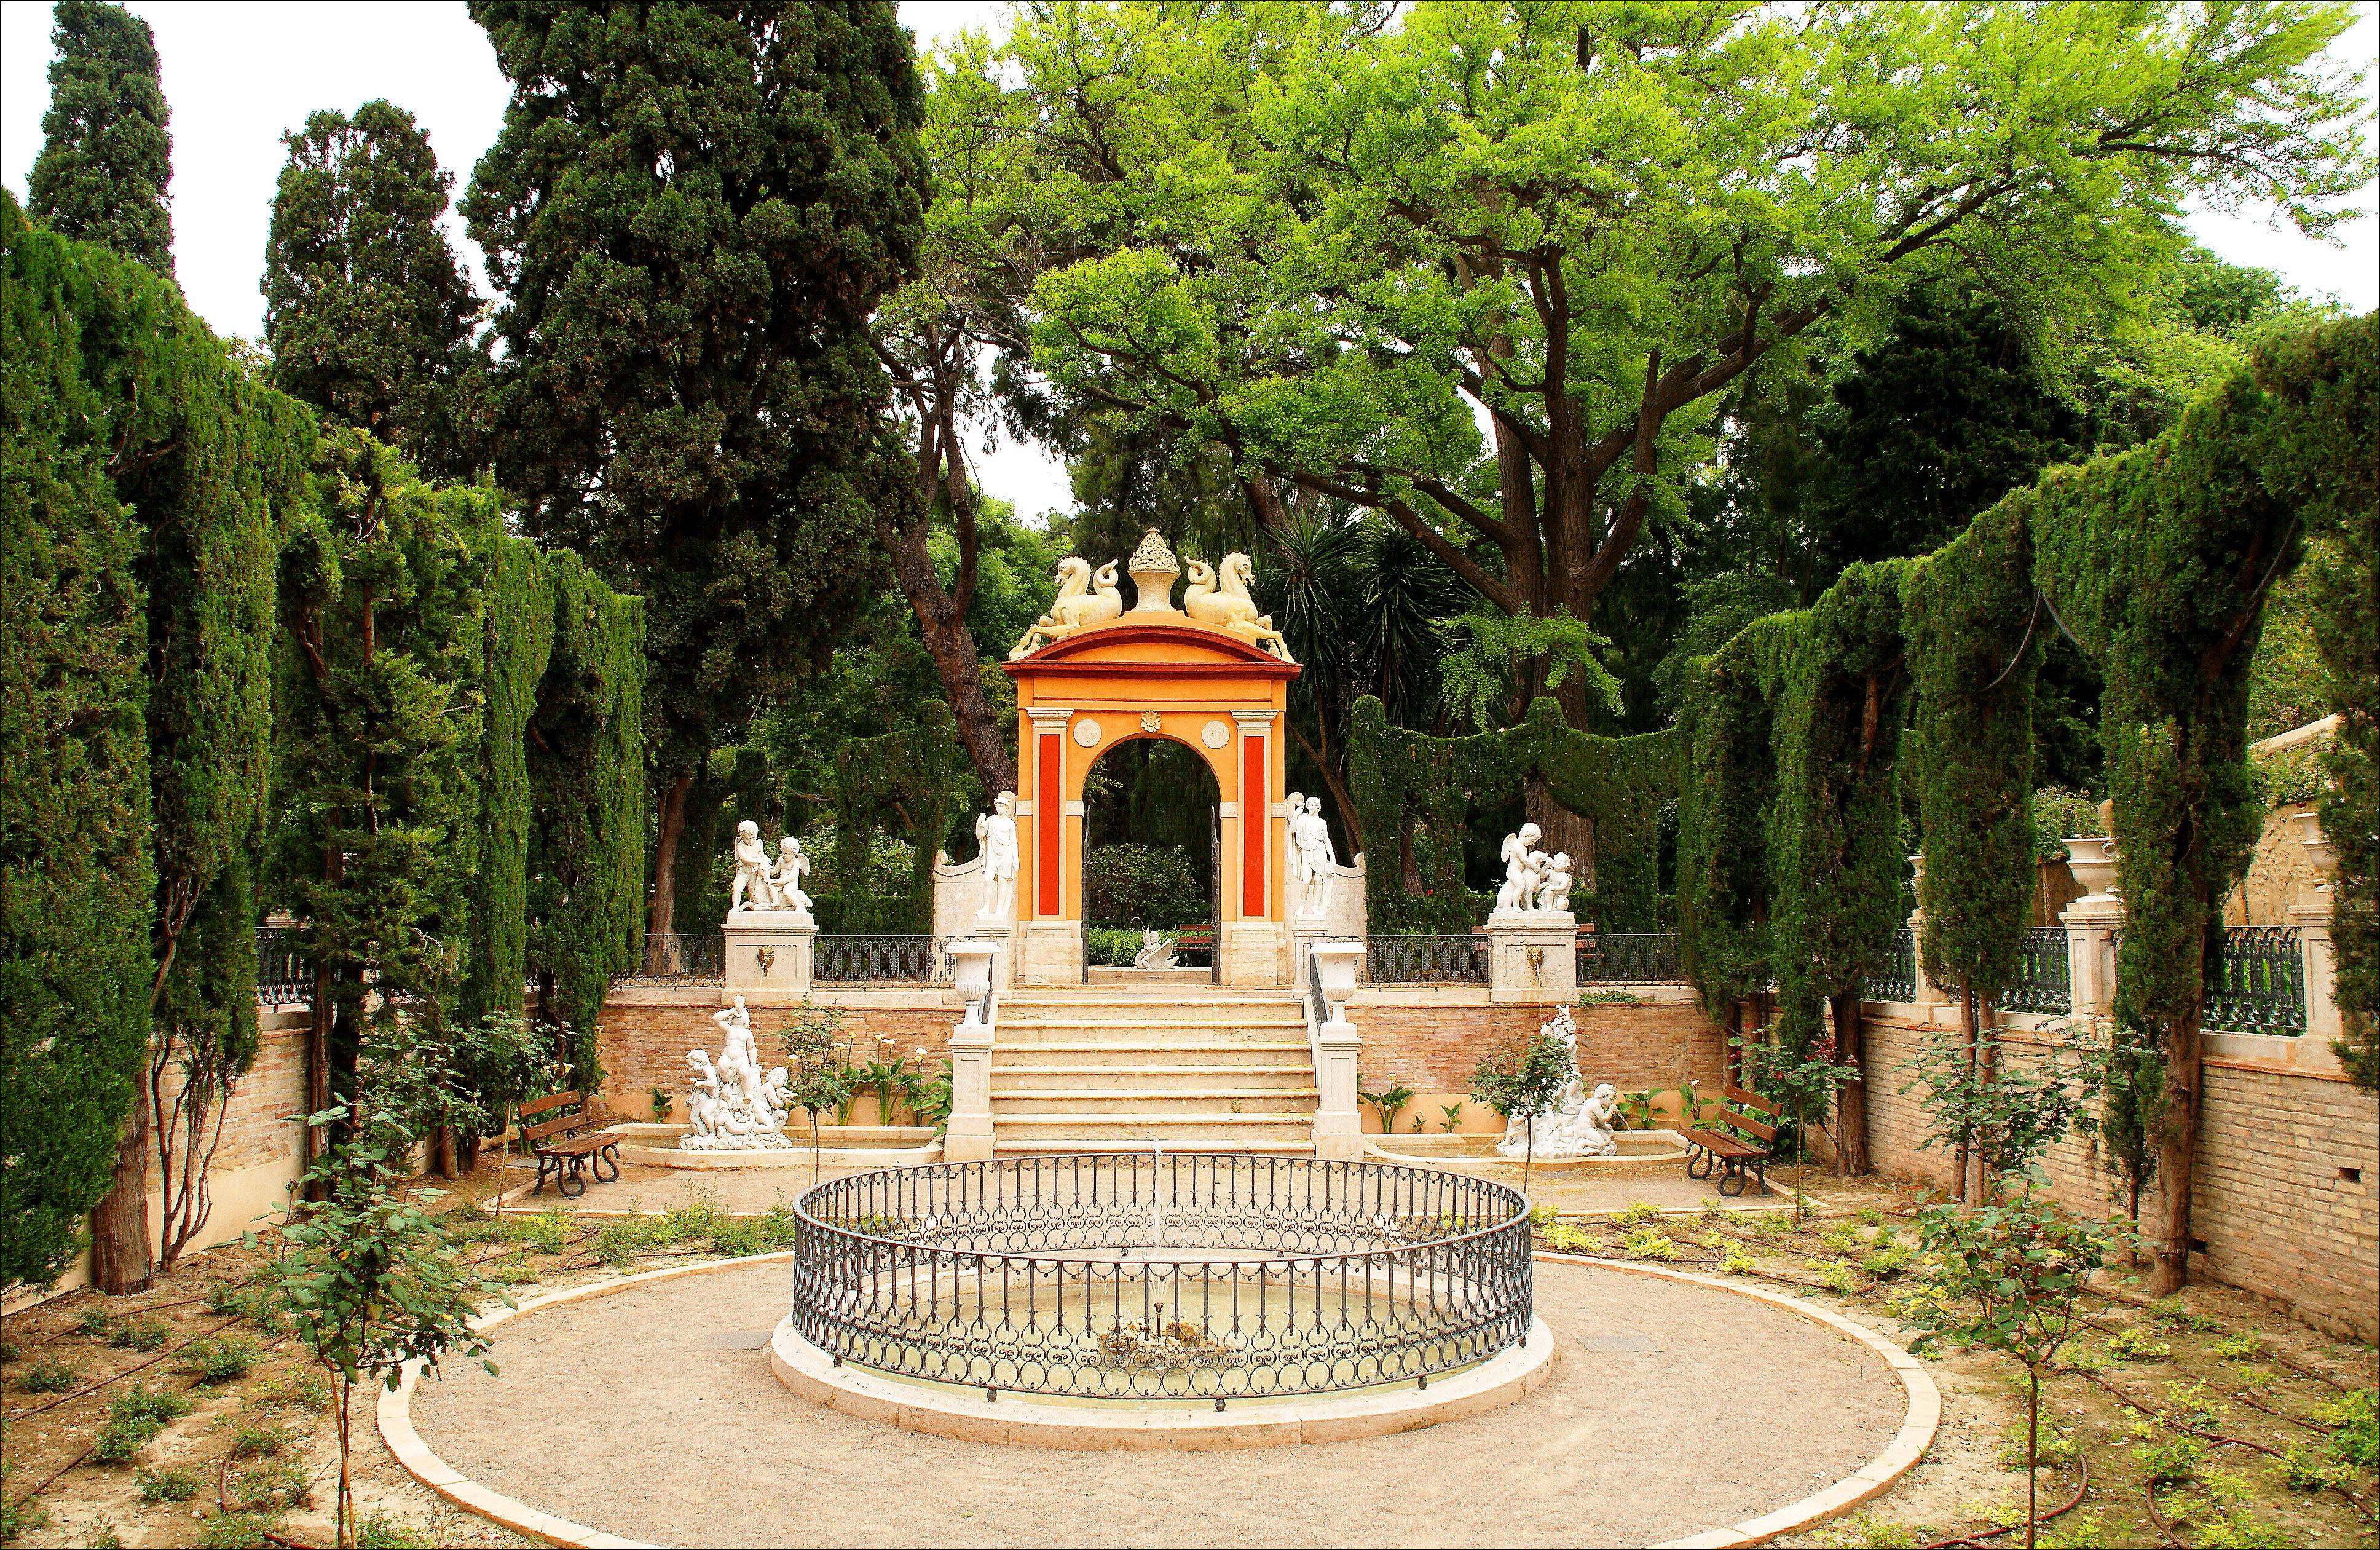 M s de 100 cosas que hacer en valencia viajando contigo for Jardines de monforte valencia